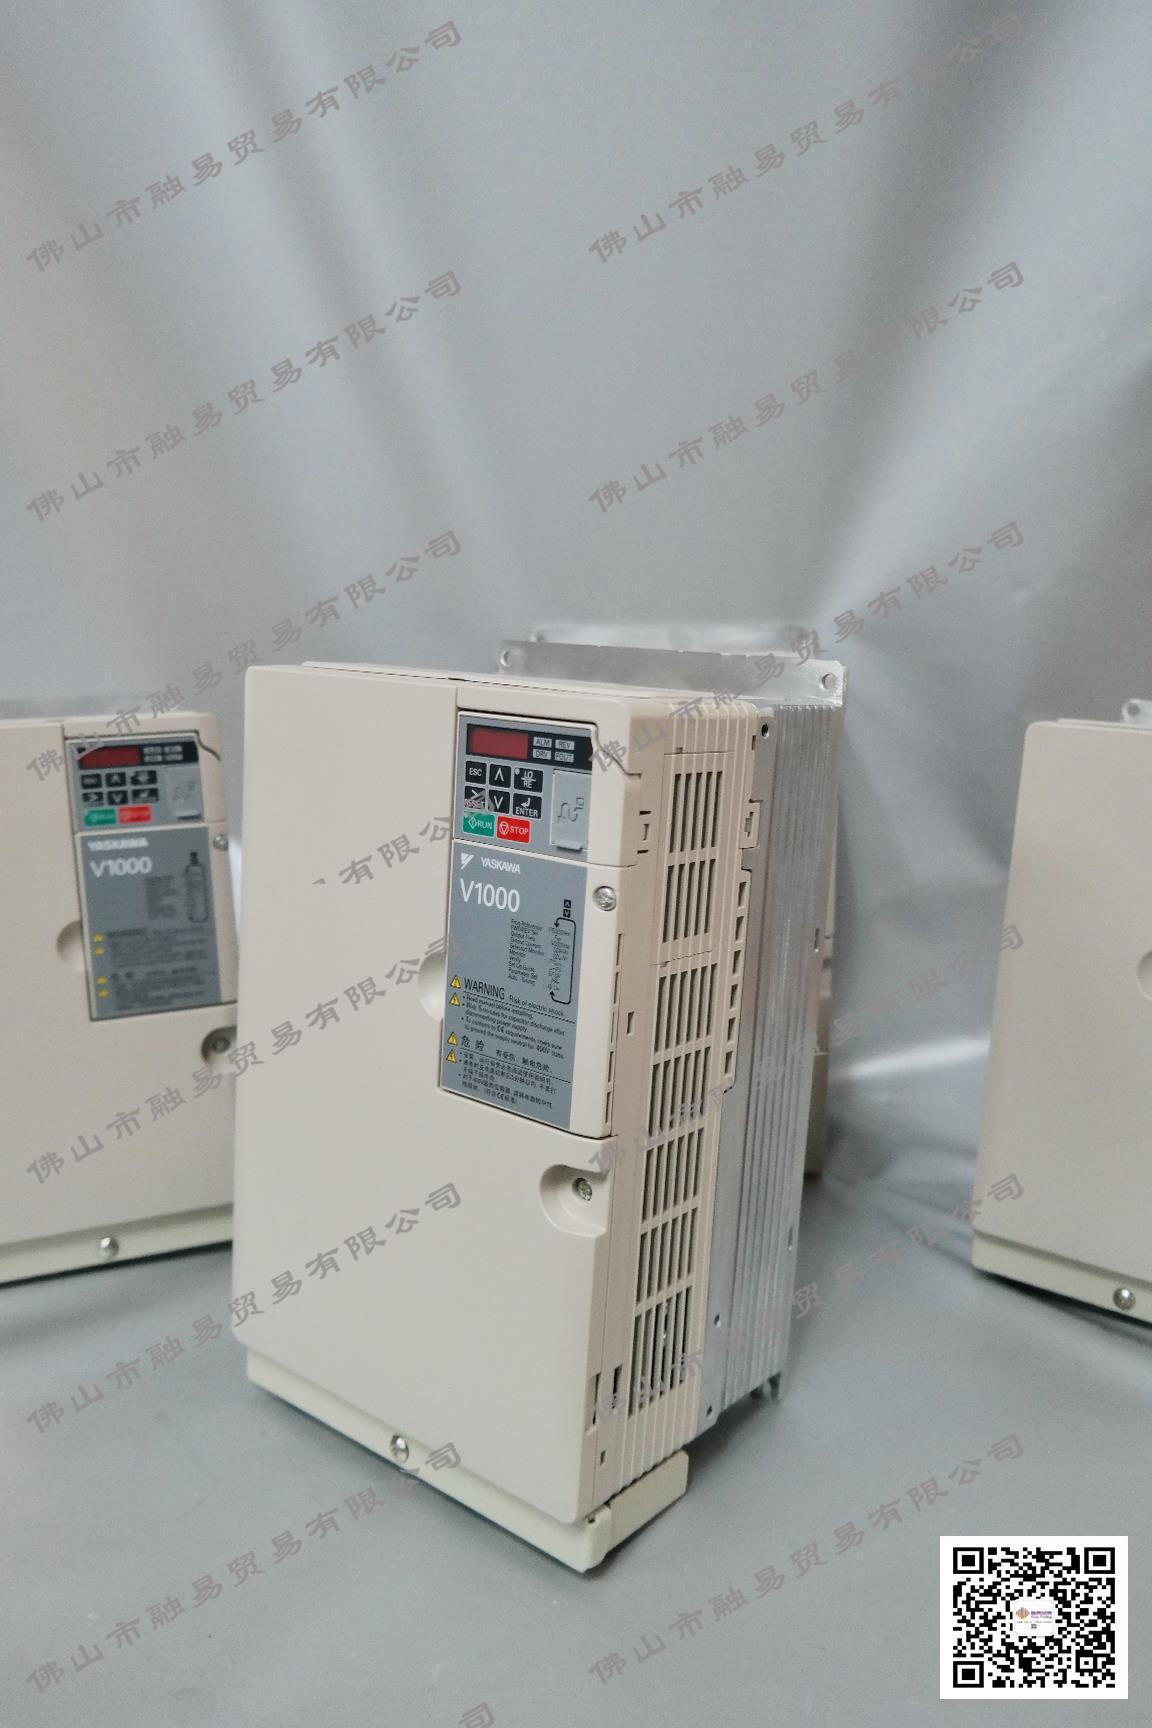 全新原装 安川变频器CIMR-VB4A0031BBA 11KW/15KW